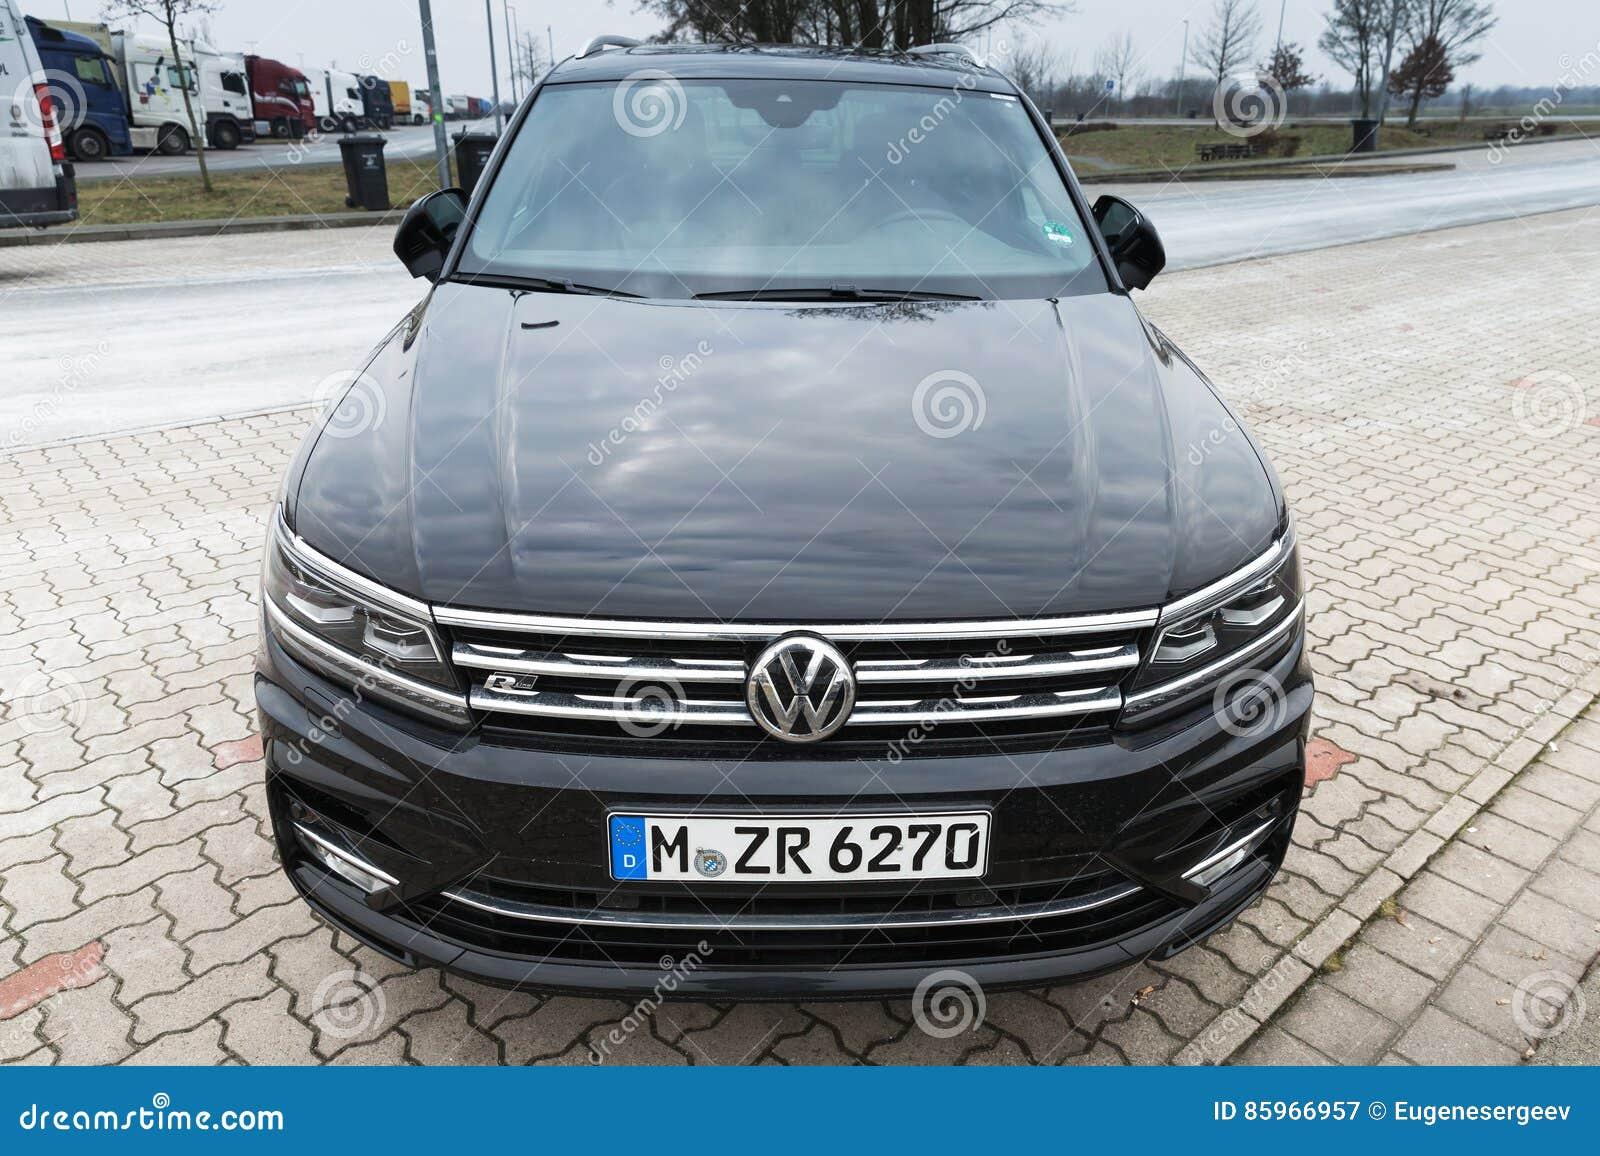 The second generation Volkswagen Tiguan 2017 82